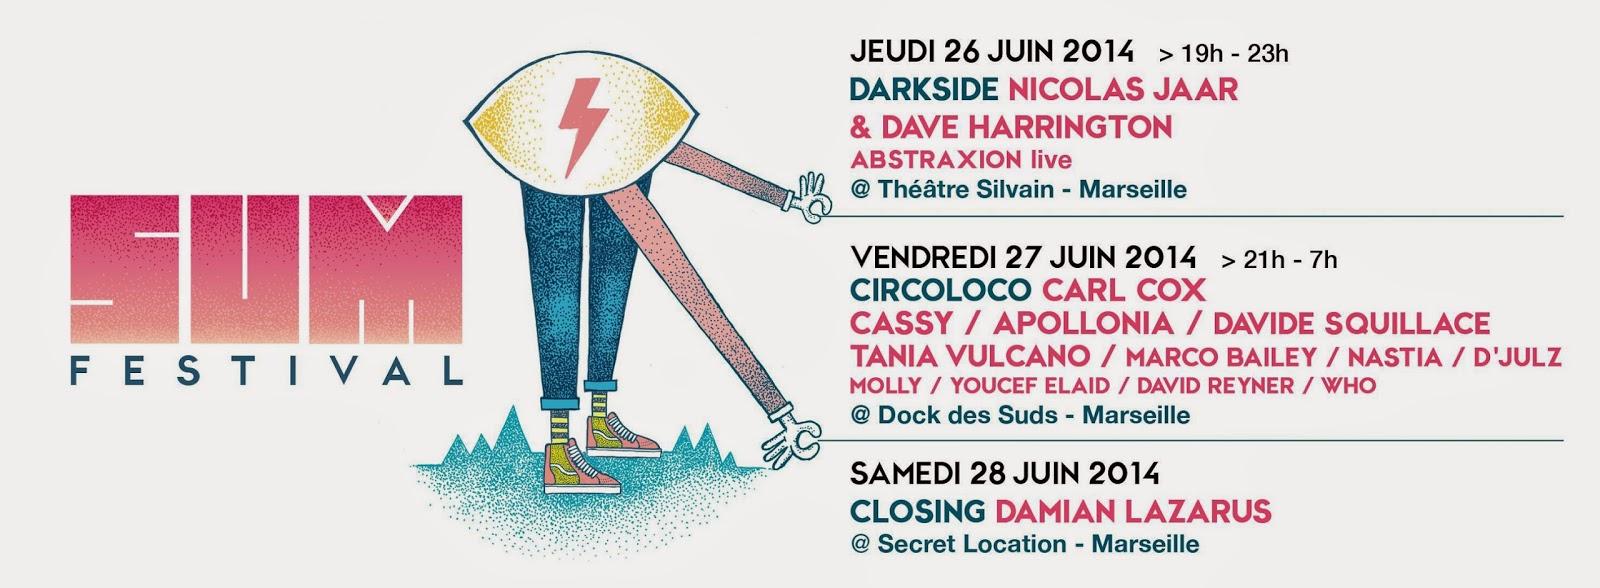 SUM Festival Marseille full lineup